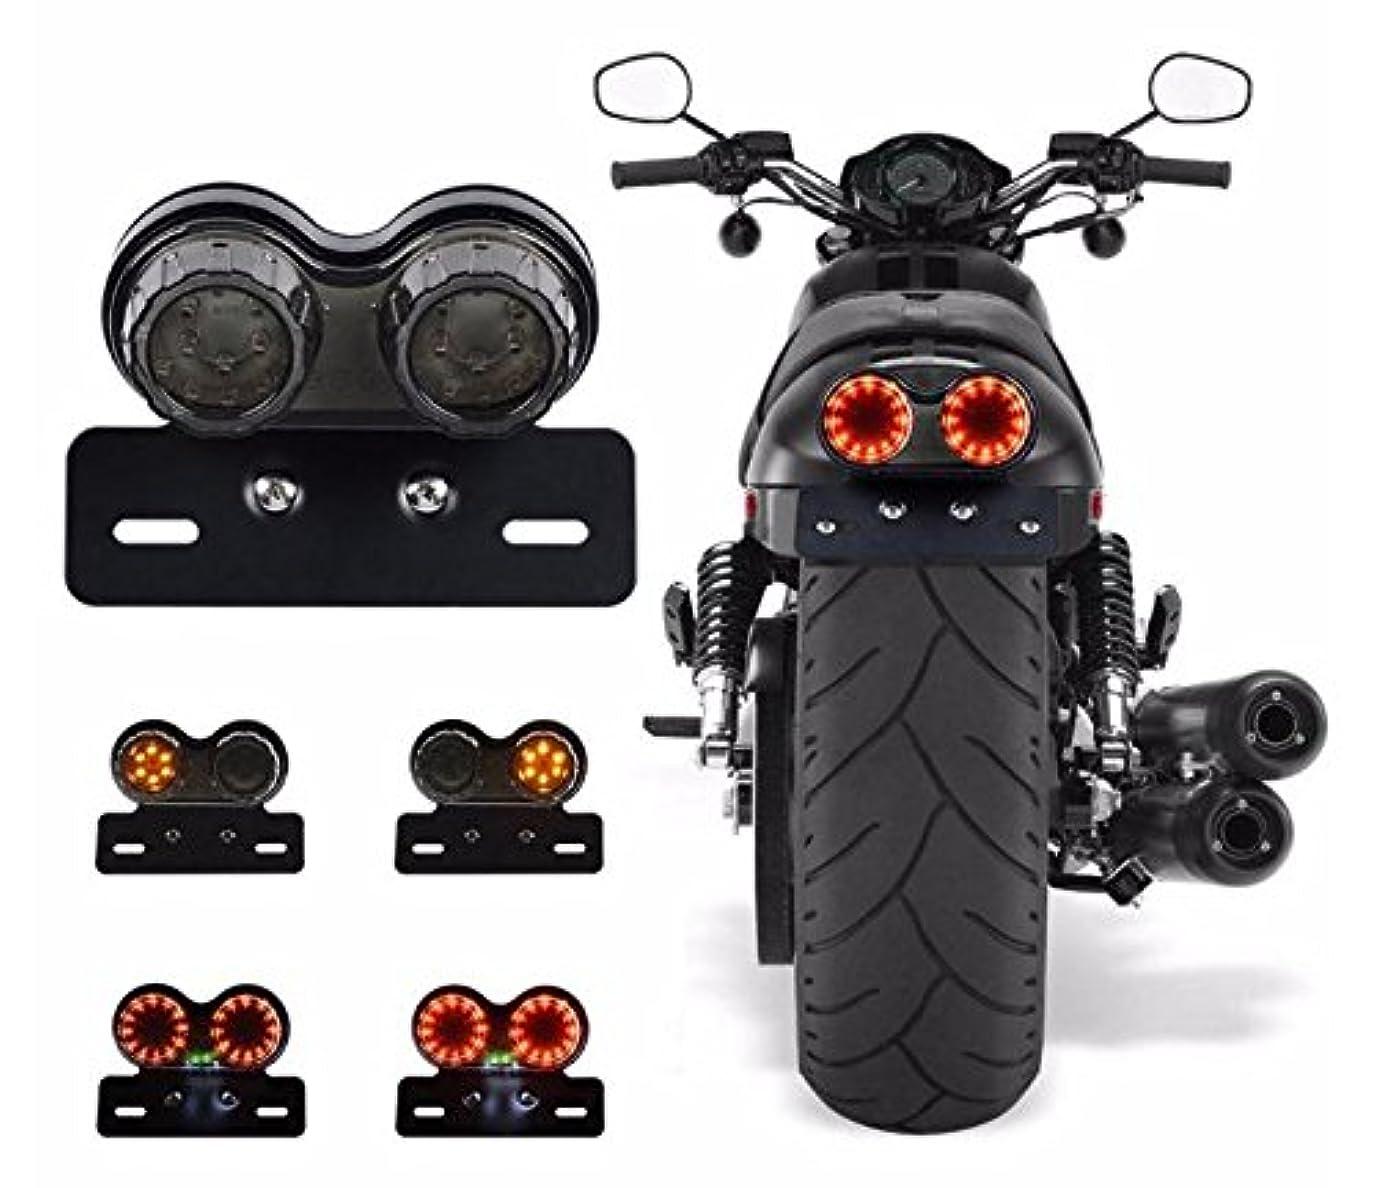 自伝リー夕方[SP] バイク テールランプ テールライト ライト テール led 2灯 エイプ ズーマー オールインワン 丸型 汎用